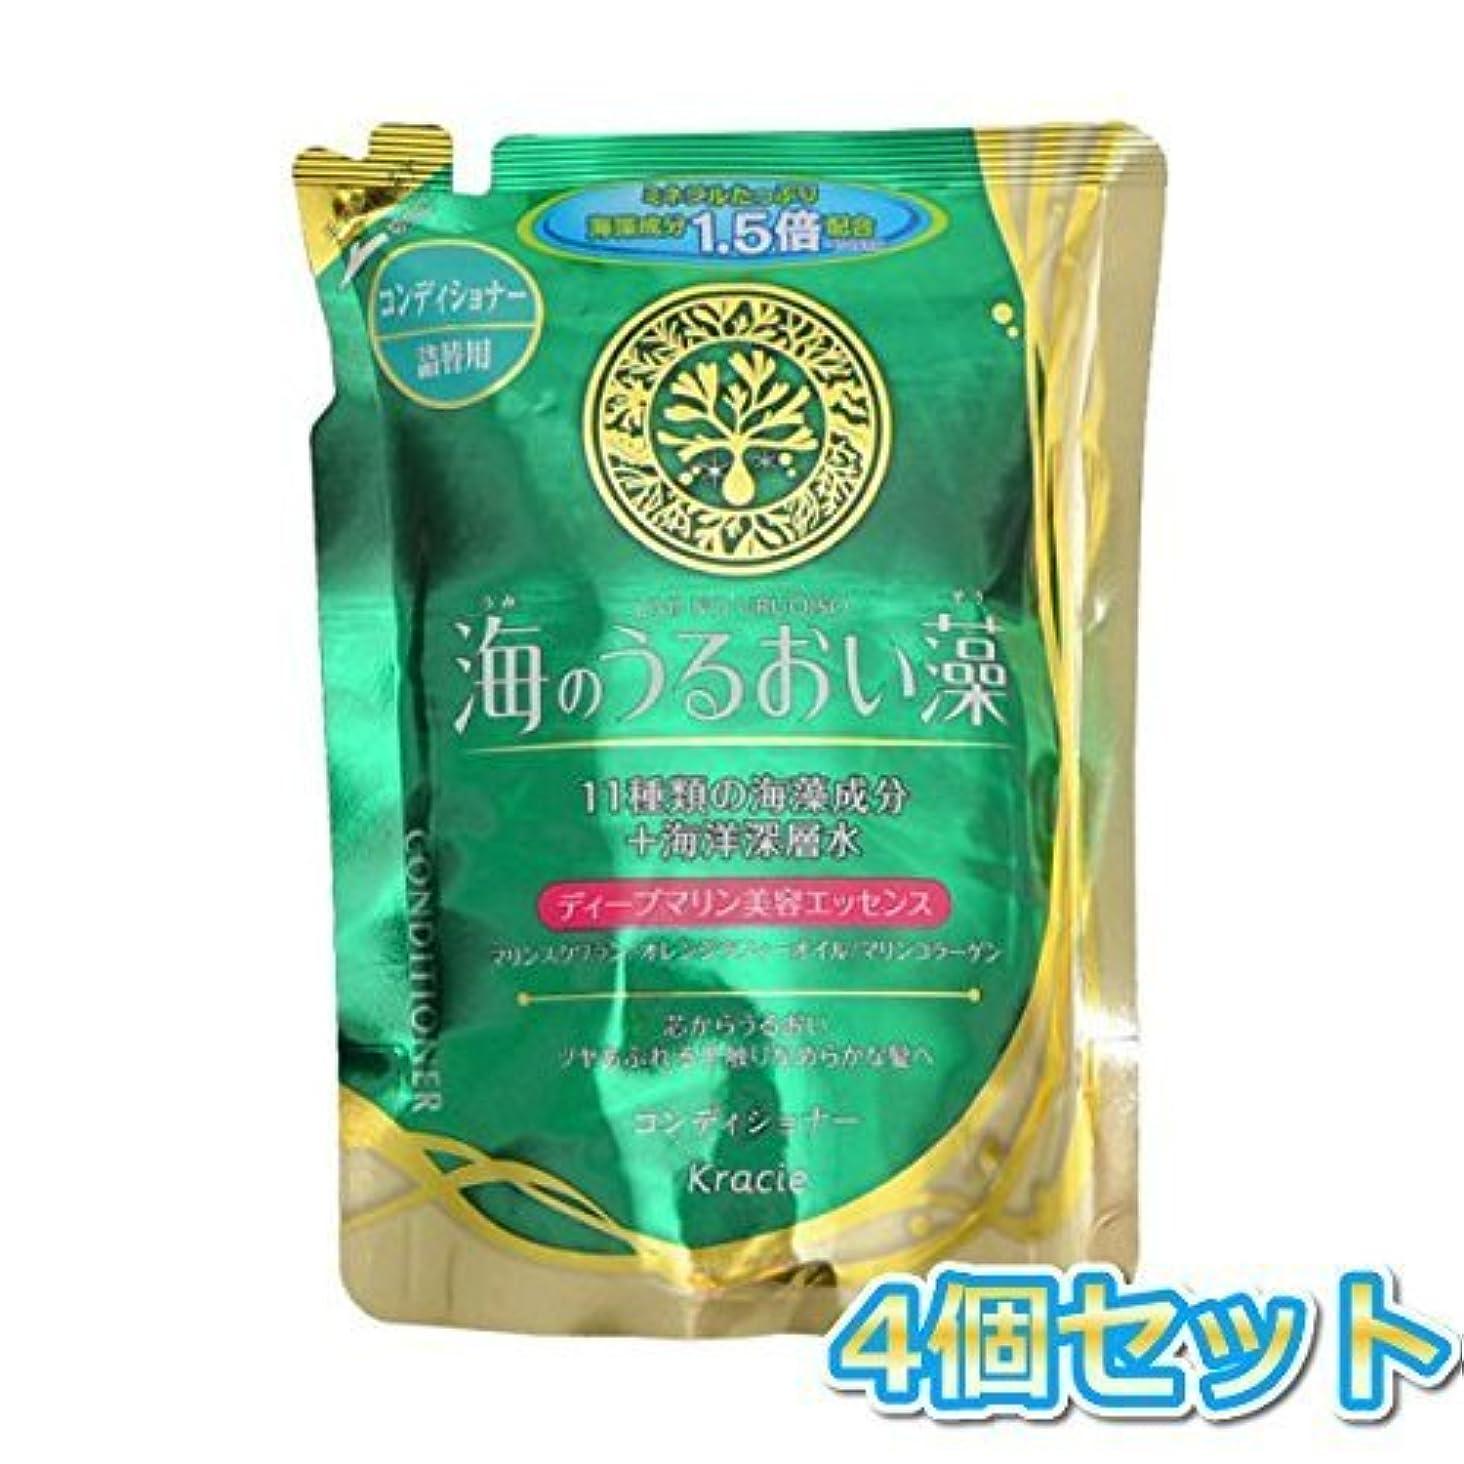 不合格アジテーション炎上海のうるおい藻 コンディショナー 詰替用 420ml 4個セット